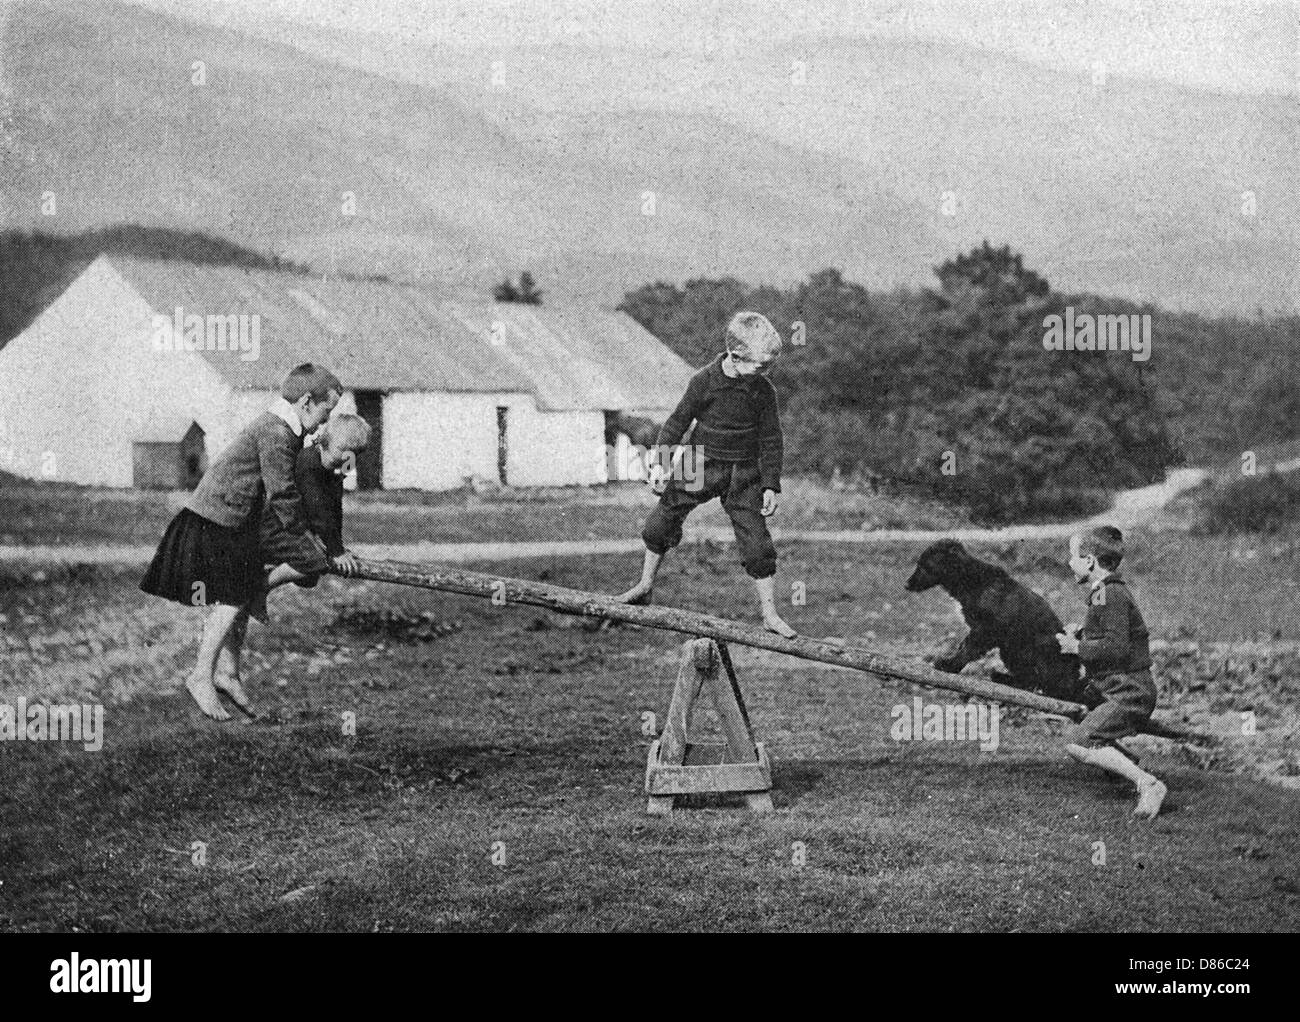 Bambini e un cane giocare su un altalena Immagini Stock